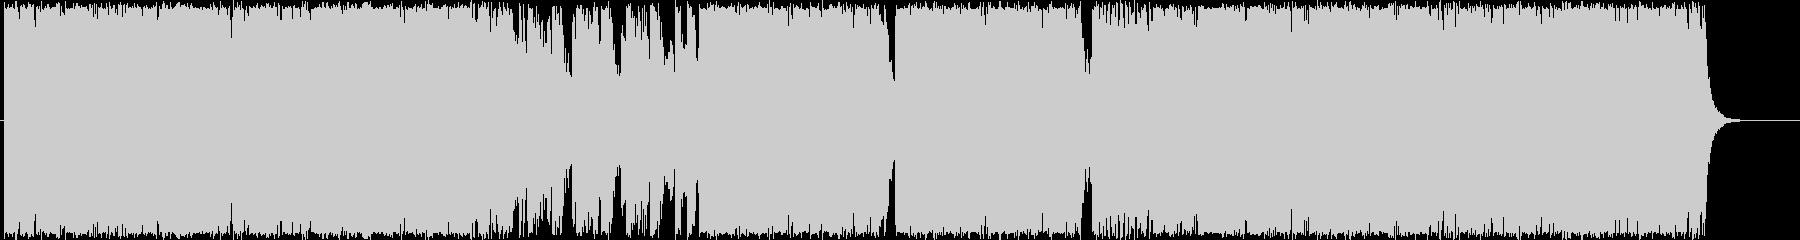 独創的シリアスホラーピアノの未再生の波形